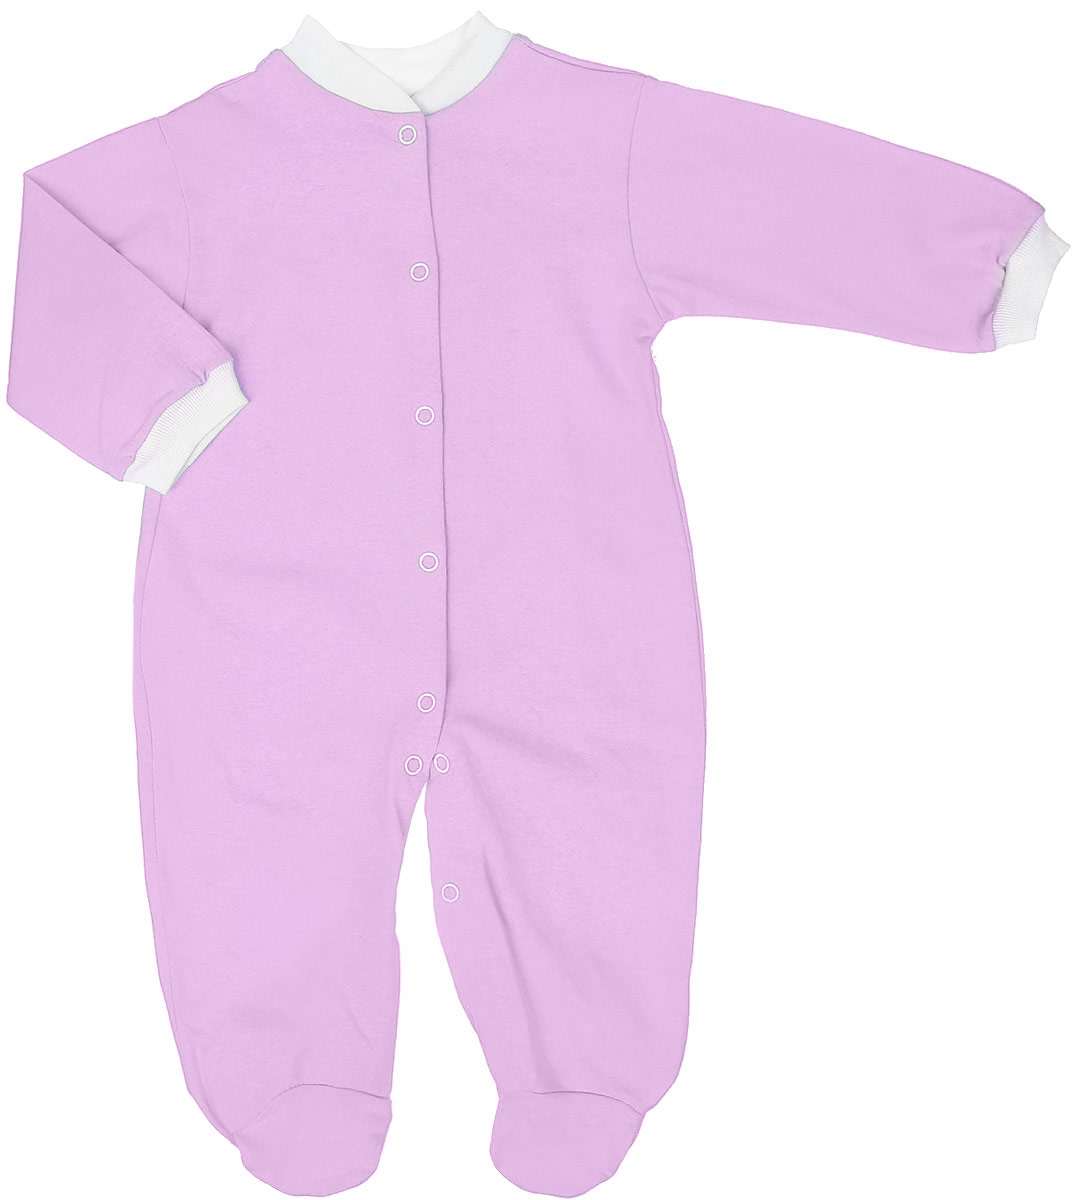 Комбинезон детский Чудесные одежки, цвет: розовый. 5801. Размер 565801Удобный детский комбинезон Чудесные одежки выполнен из натурального хлопка.Комбинезон с небольшим воротничком-стойкой, длинными рукавами и закрытыми ножками имеет застежки-кнопки спереди и на ластовице, которые помогают легко переодеть младенца или сменить подгузник. Воротничок и манжеты на рукавах выполнены из трикотажной эластичной резинки. Изделие оформлено в лаконичном дизайне.